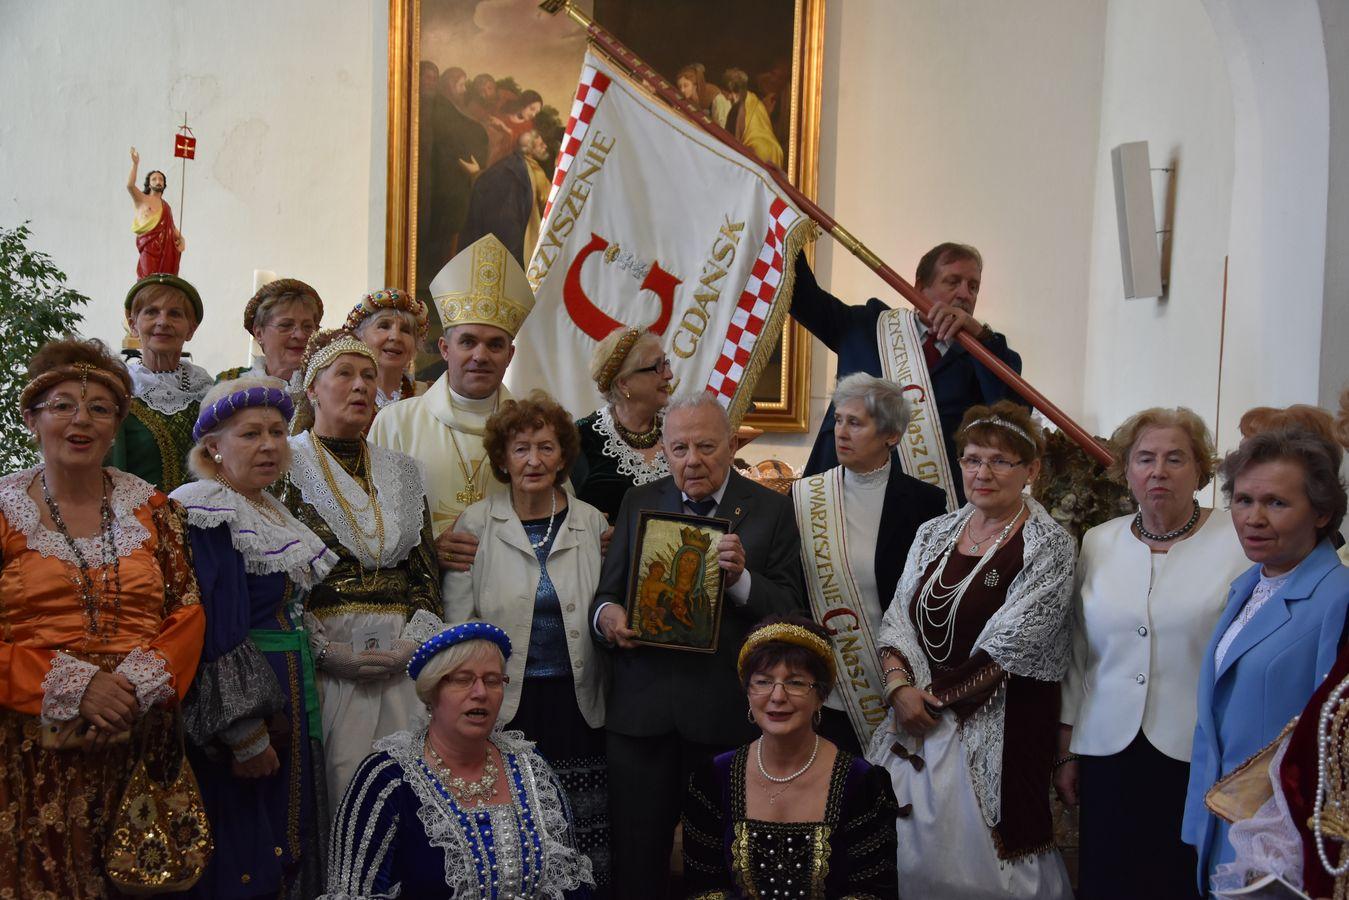 Msza św. w Kaplicy Królewskiej fot. J. Wikowski A31_7202